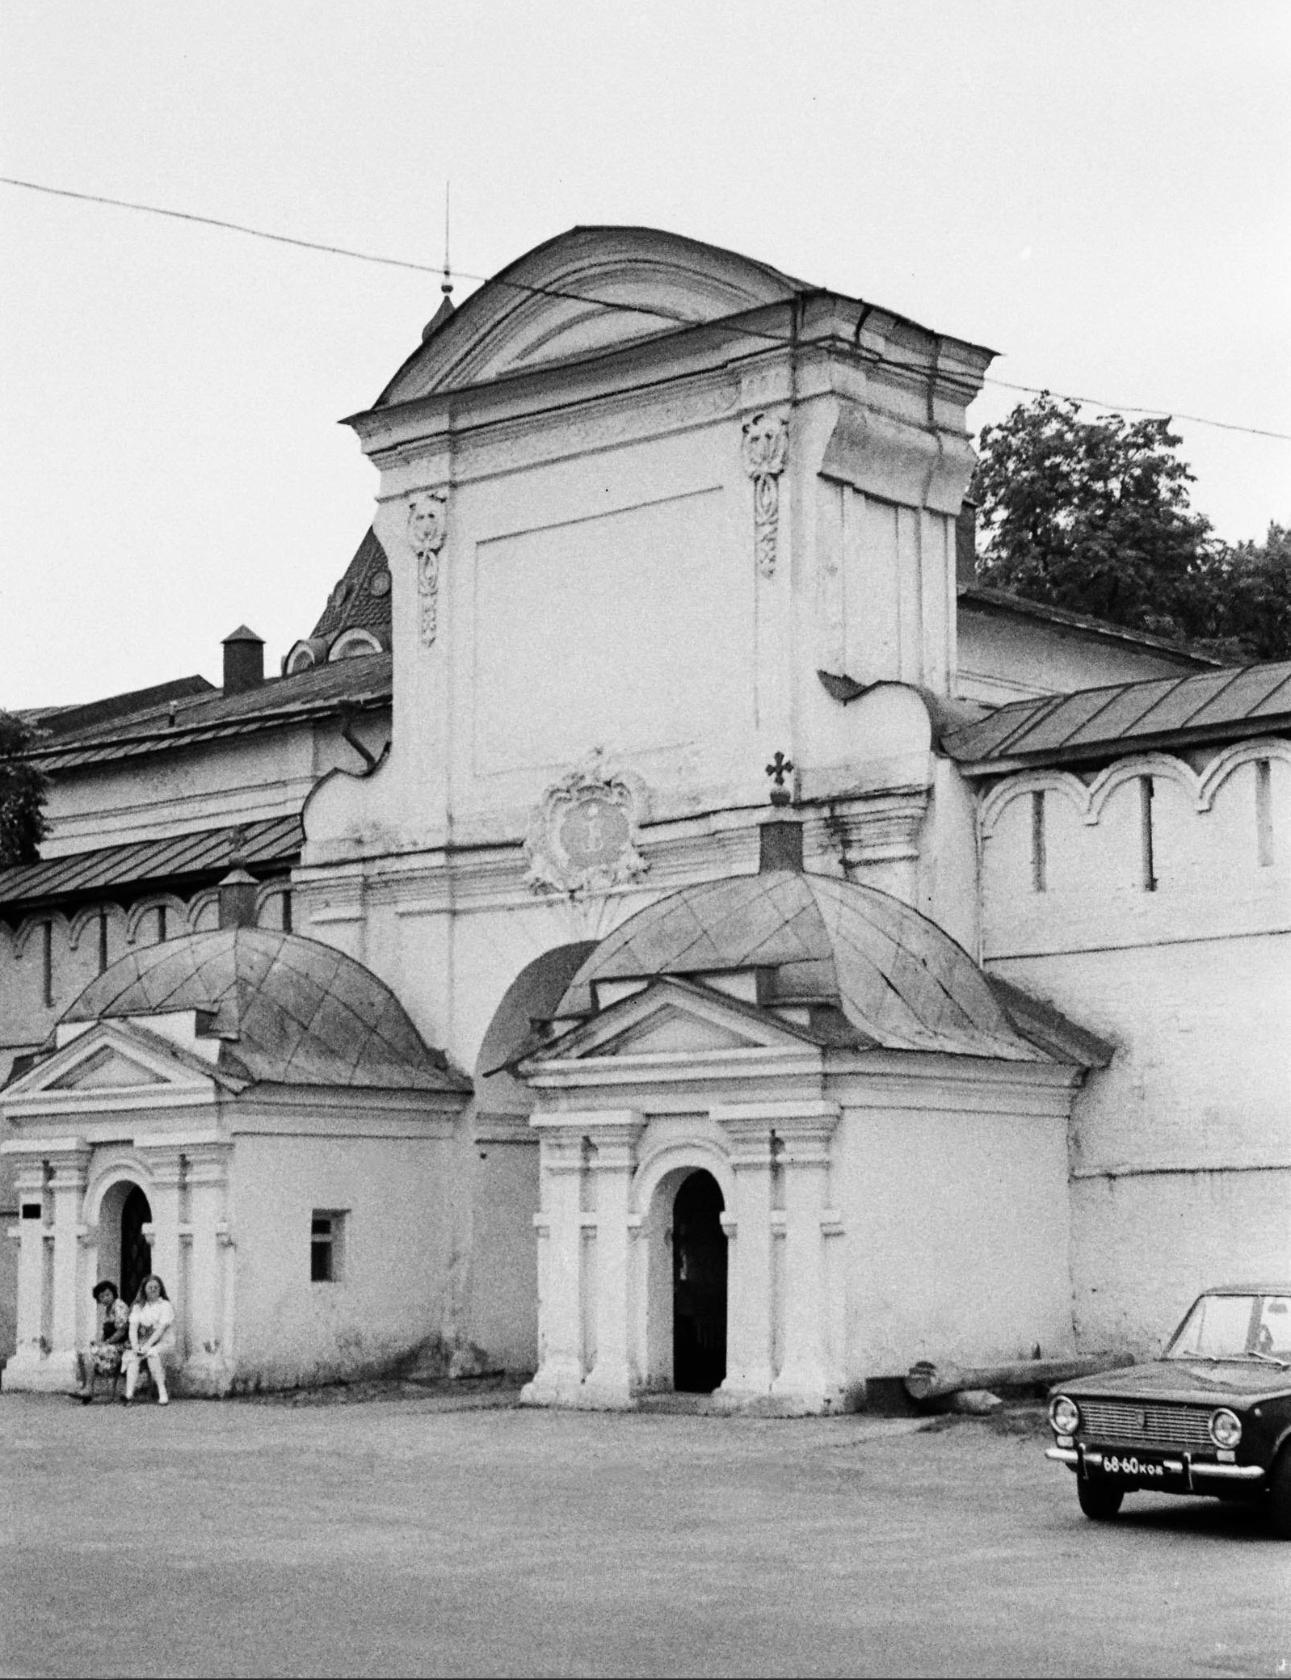 Мемориальный комплекс с арками и колонной Татарск памятник с ангелом Красновишерск